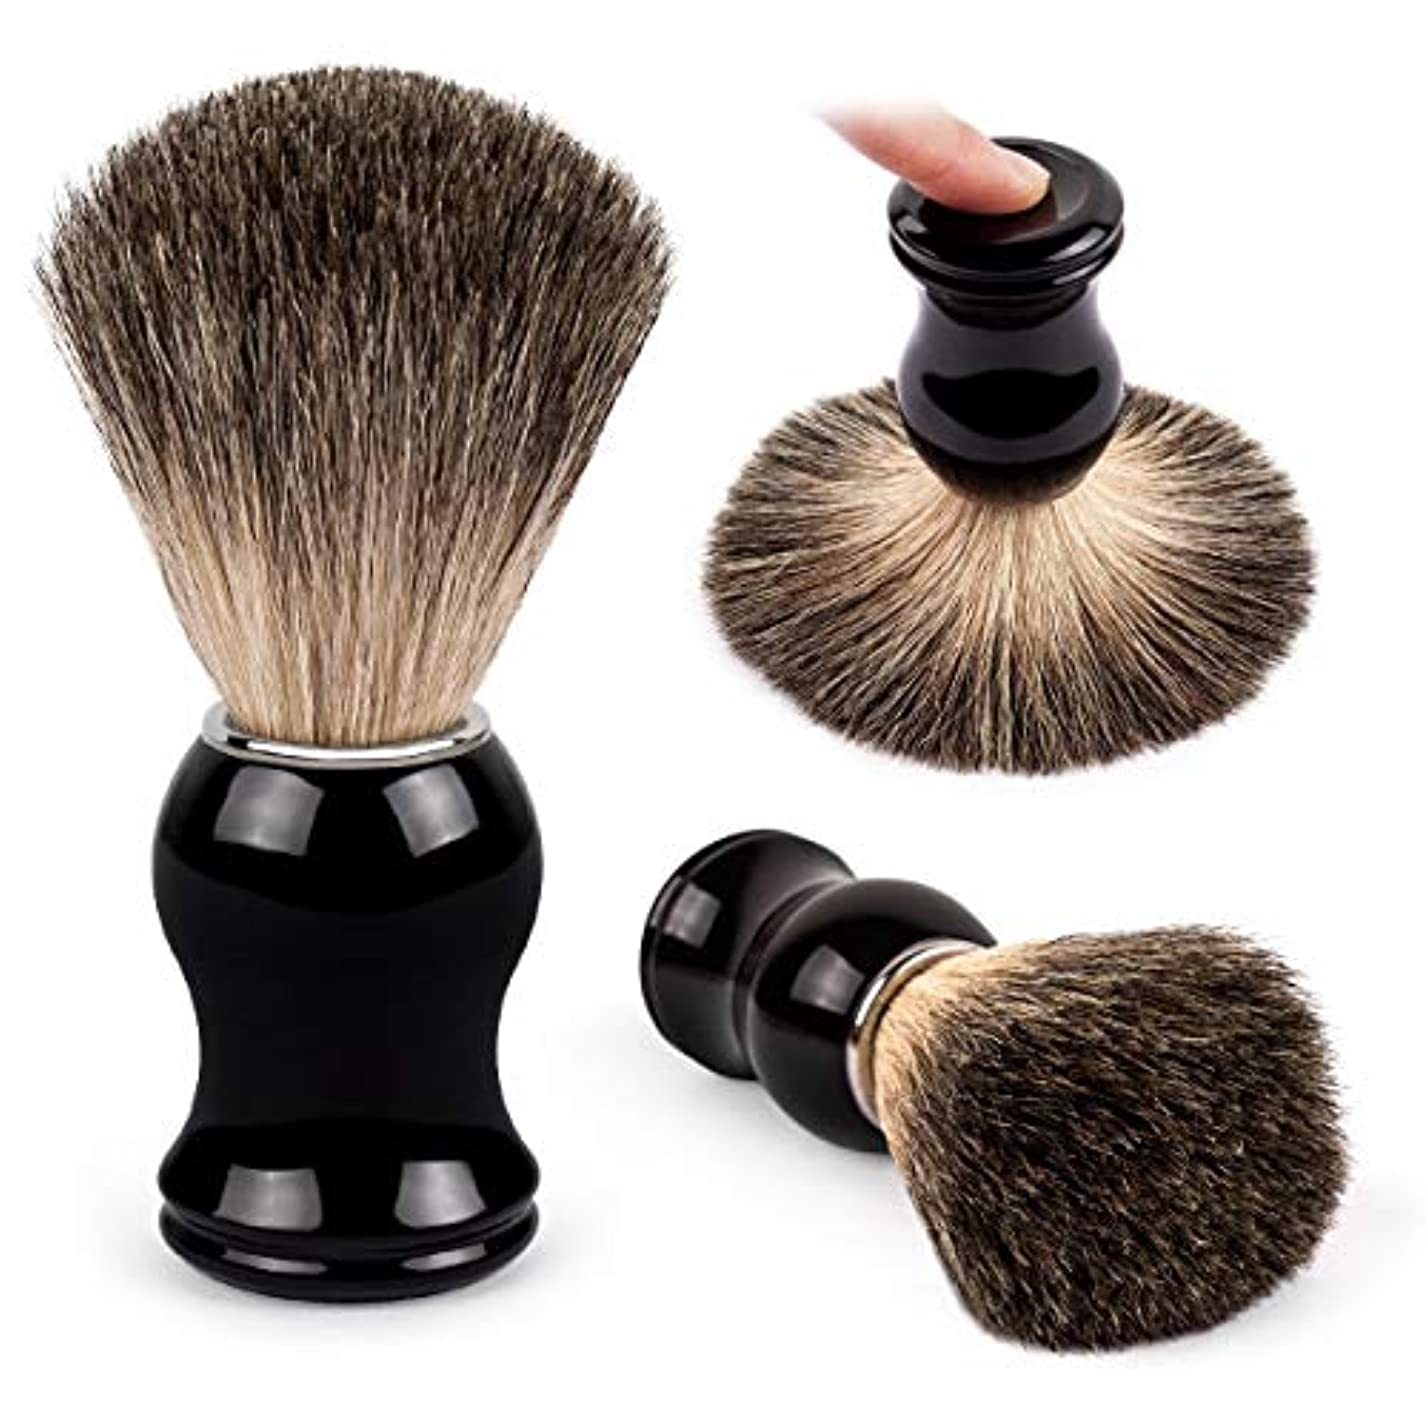 混雑プレートはさみQSHAVE 100%最高級アナグマ毛オリジナルハンドメイドシェービングブラシ。高品質樹脂ハンドル。ウェットシェービング、安全カミソリ、両刃カミソリに最適